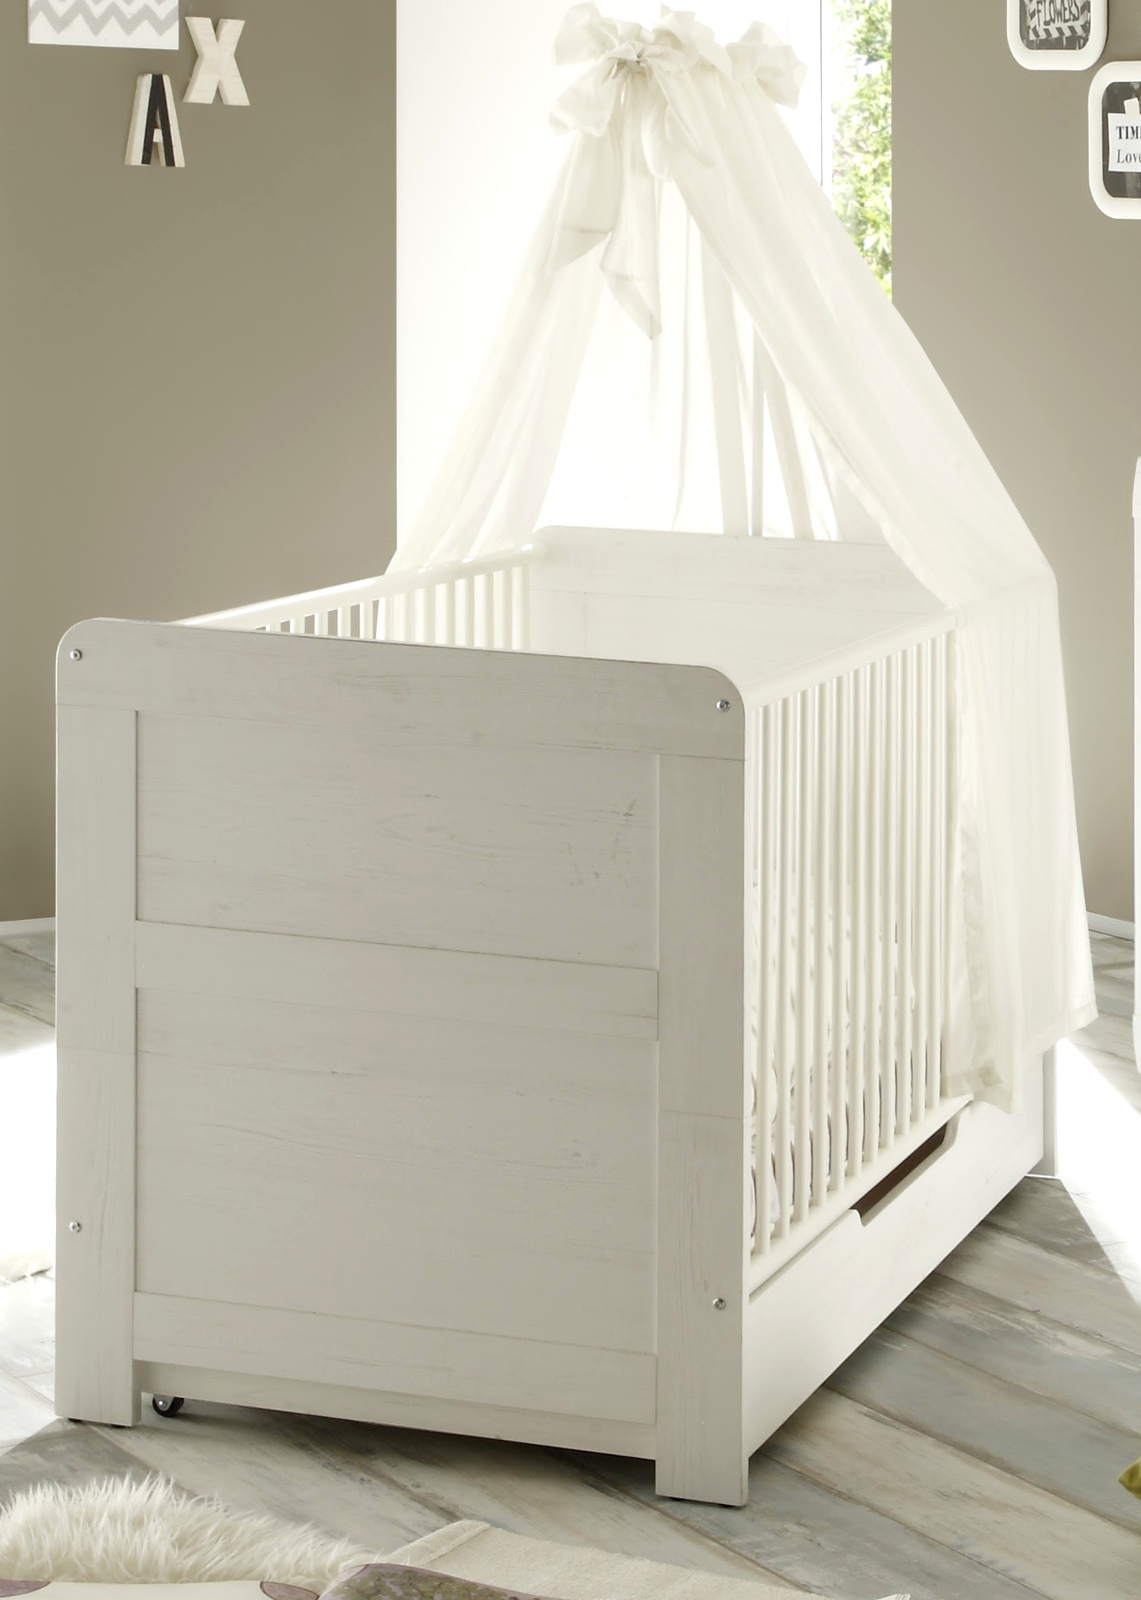 babyzimmer babybett und kleiderschrank landi. Black Bedroom Furniture Sets. Home Design Ideas